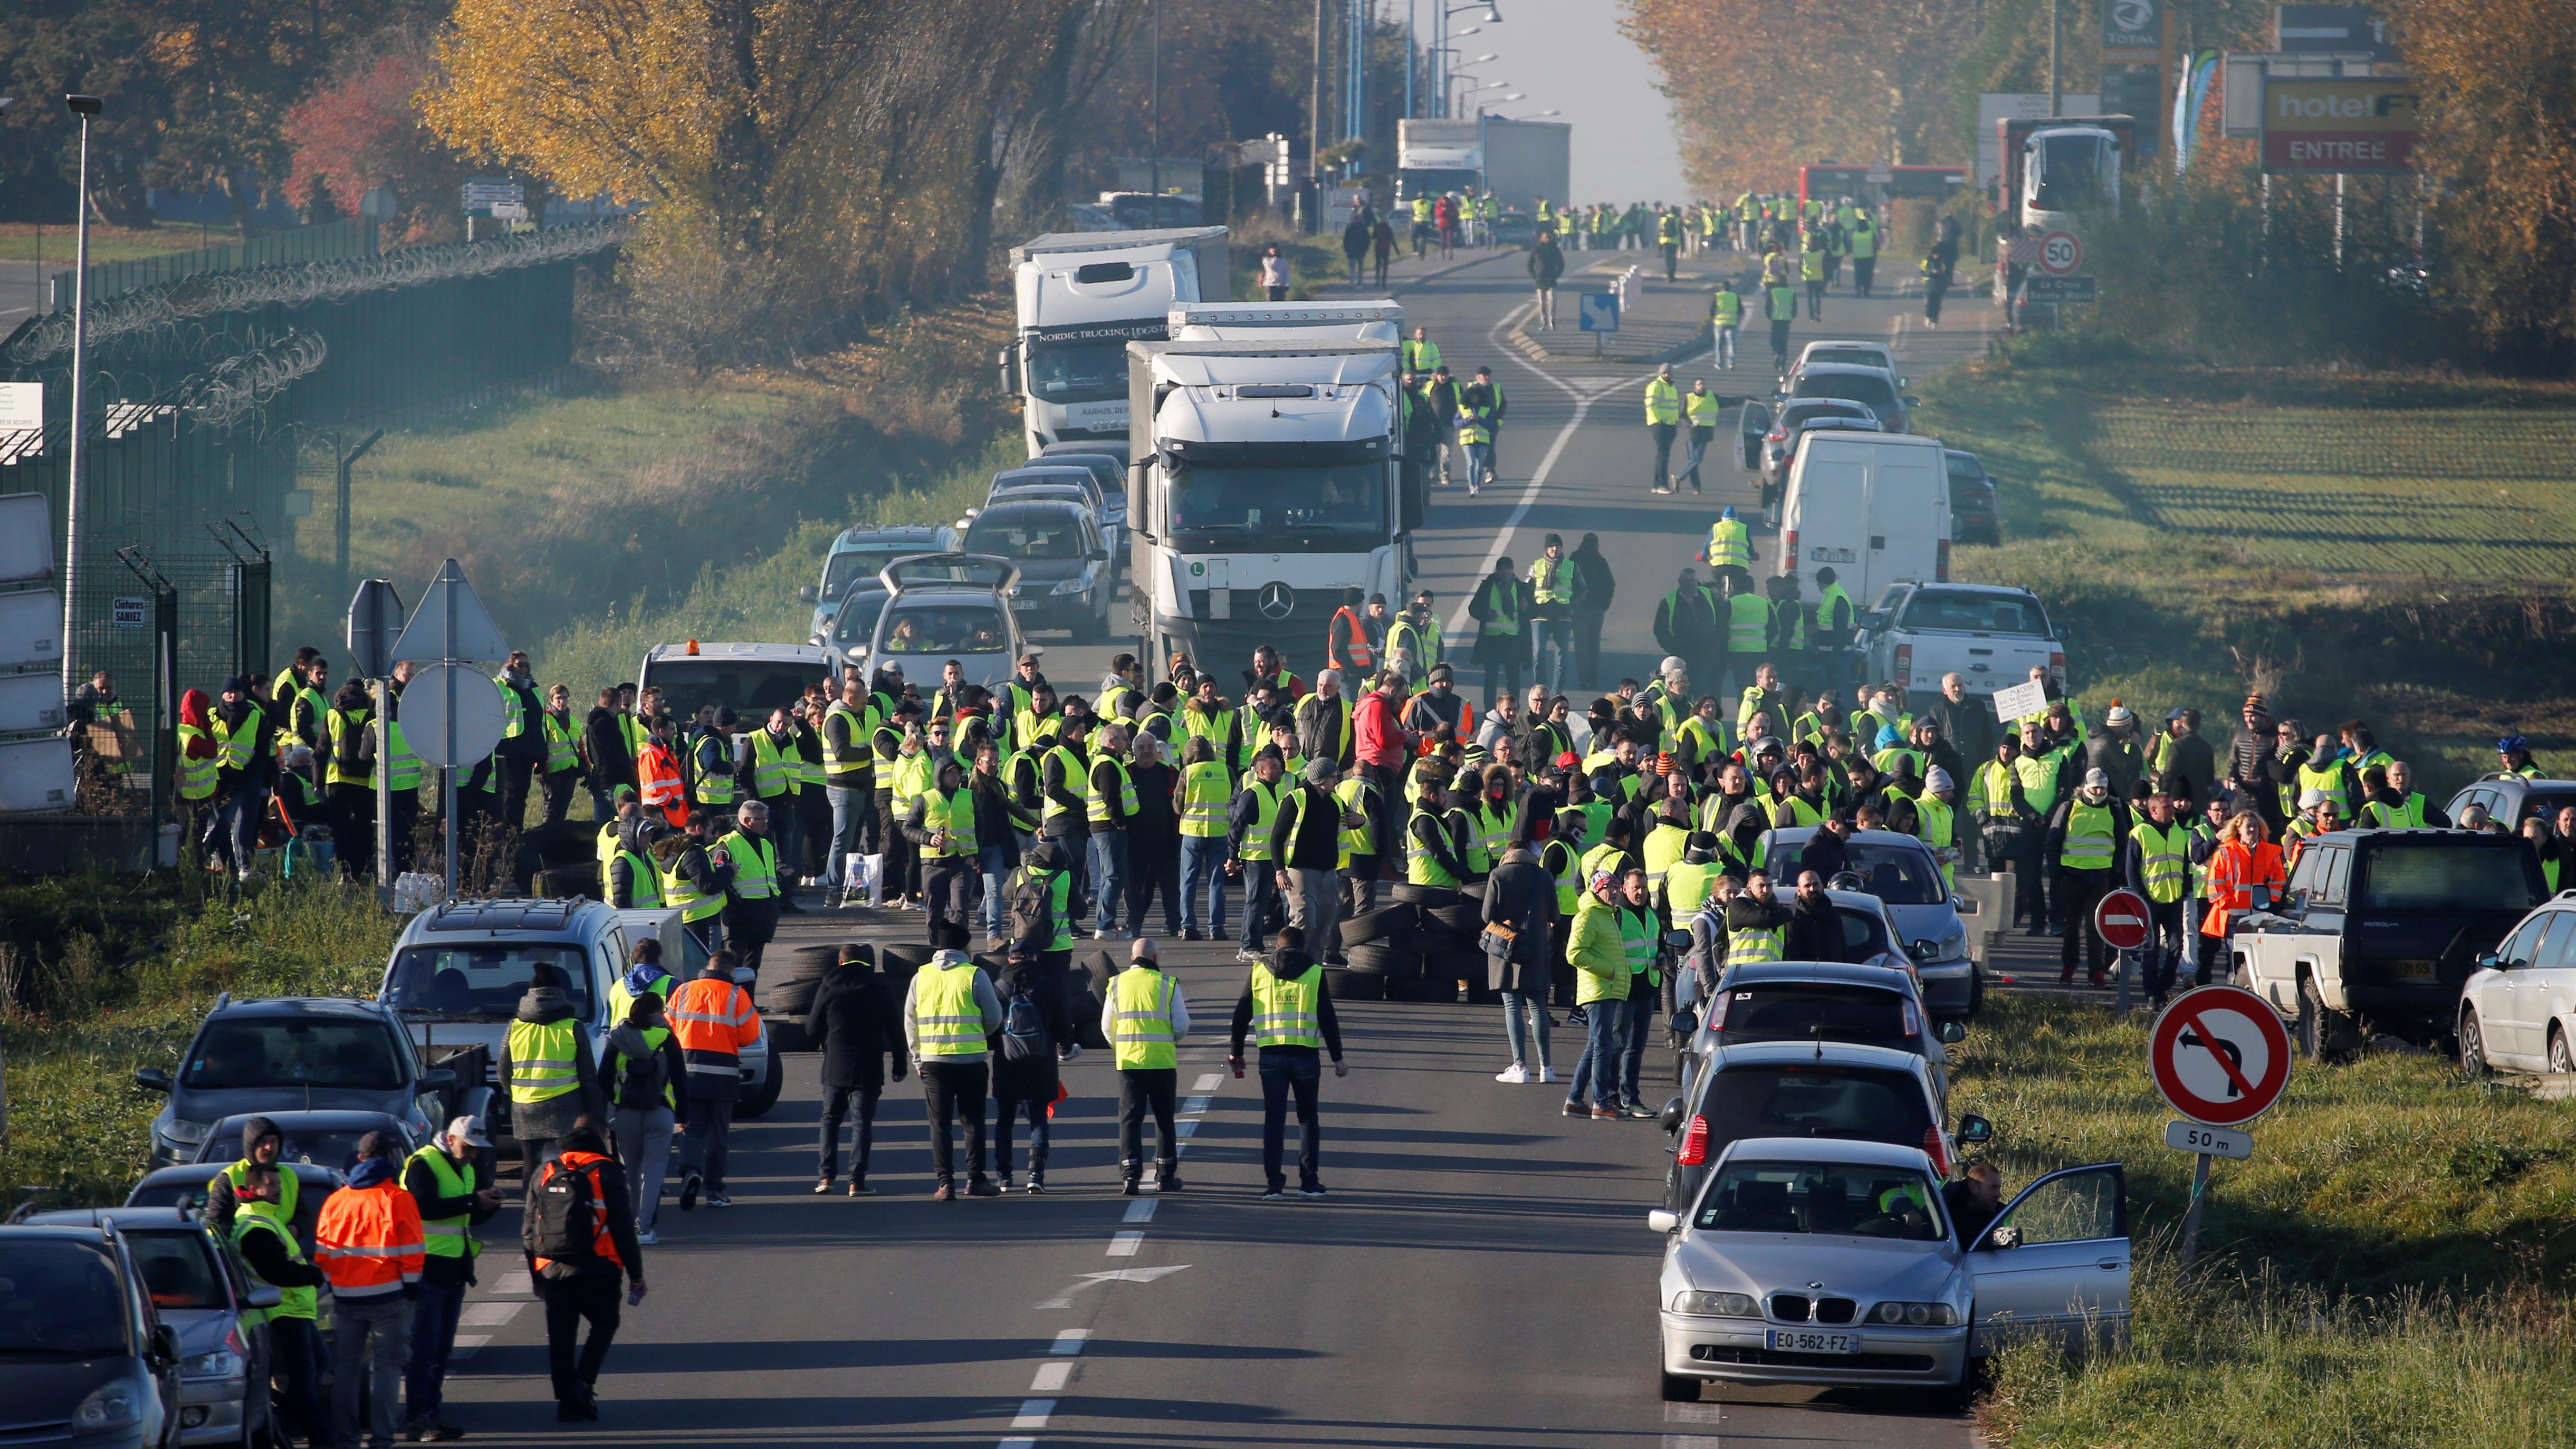 Les gilets jaunes ont bloqué la route entre Paris et Bruxelles à Haulchin, en France, le 17 novembre 2018.